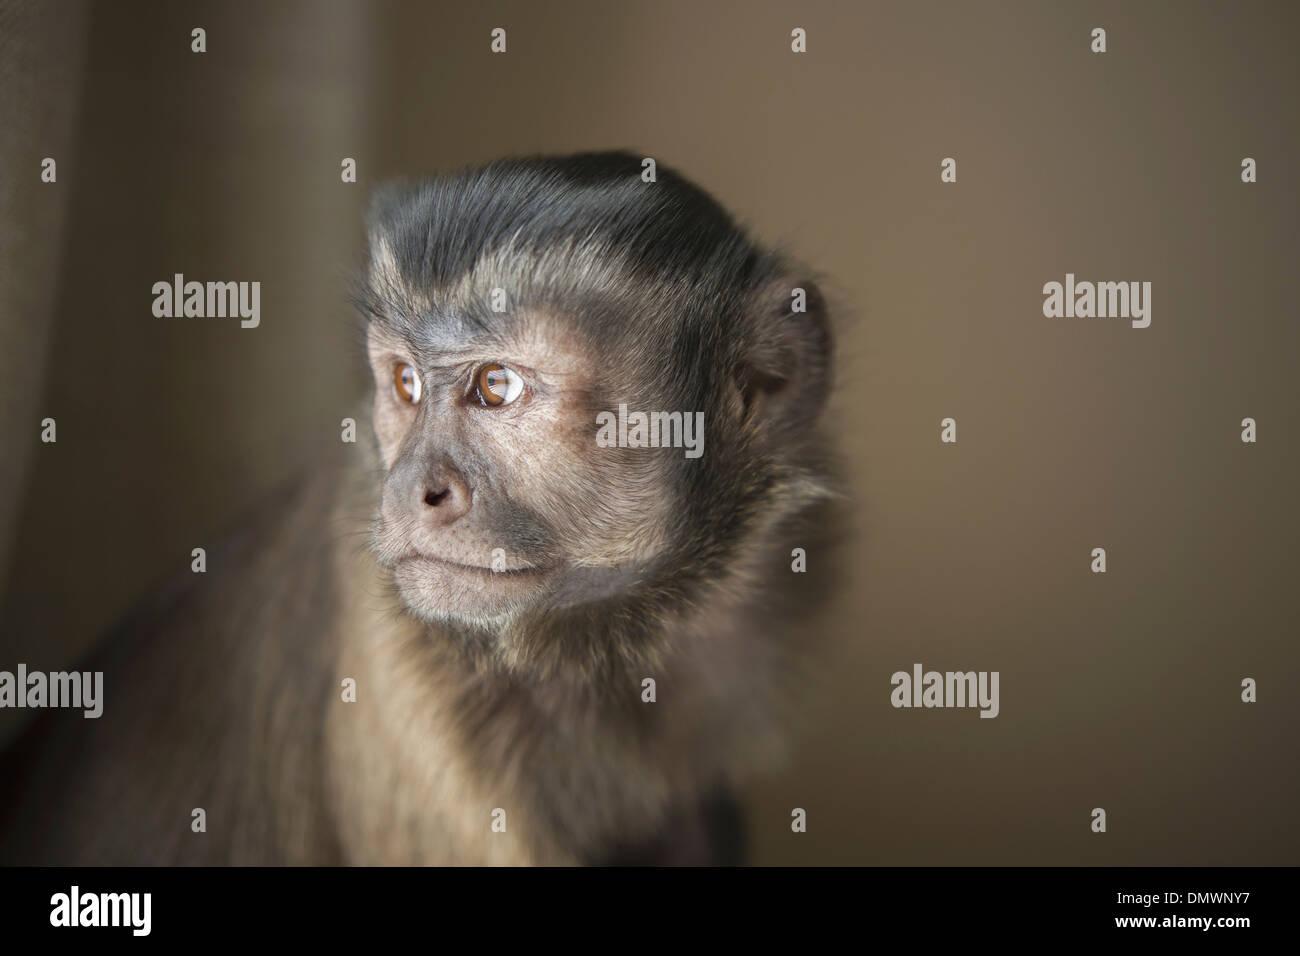 Una scimmia cappuccino seduto testa e spalle. Immagini Stock